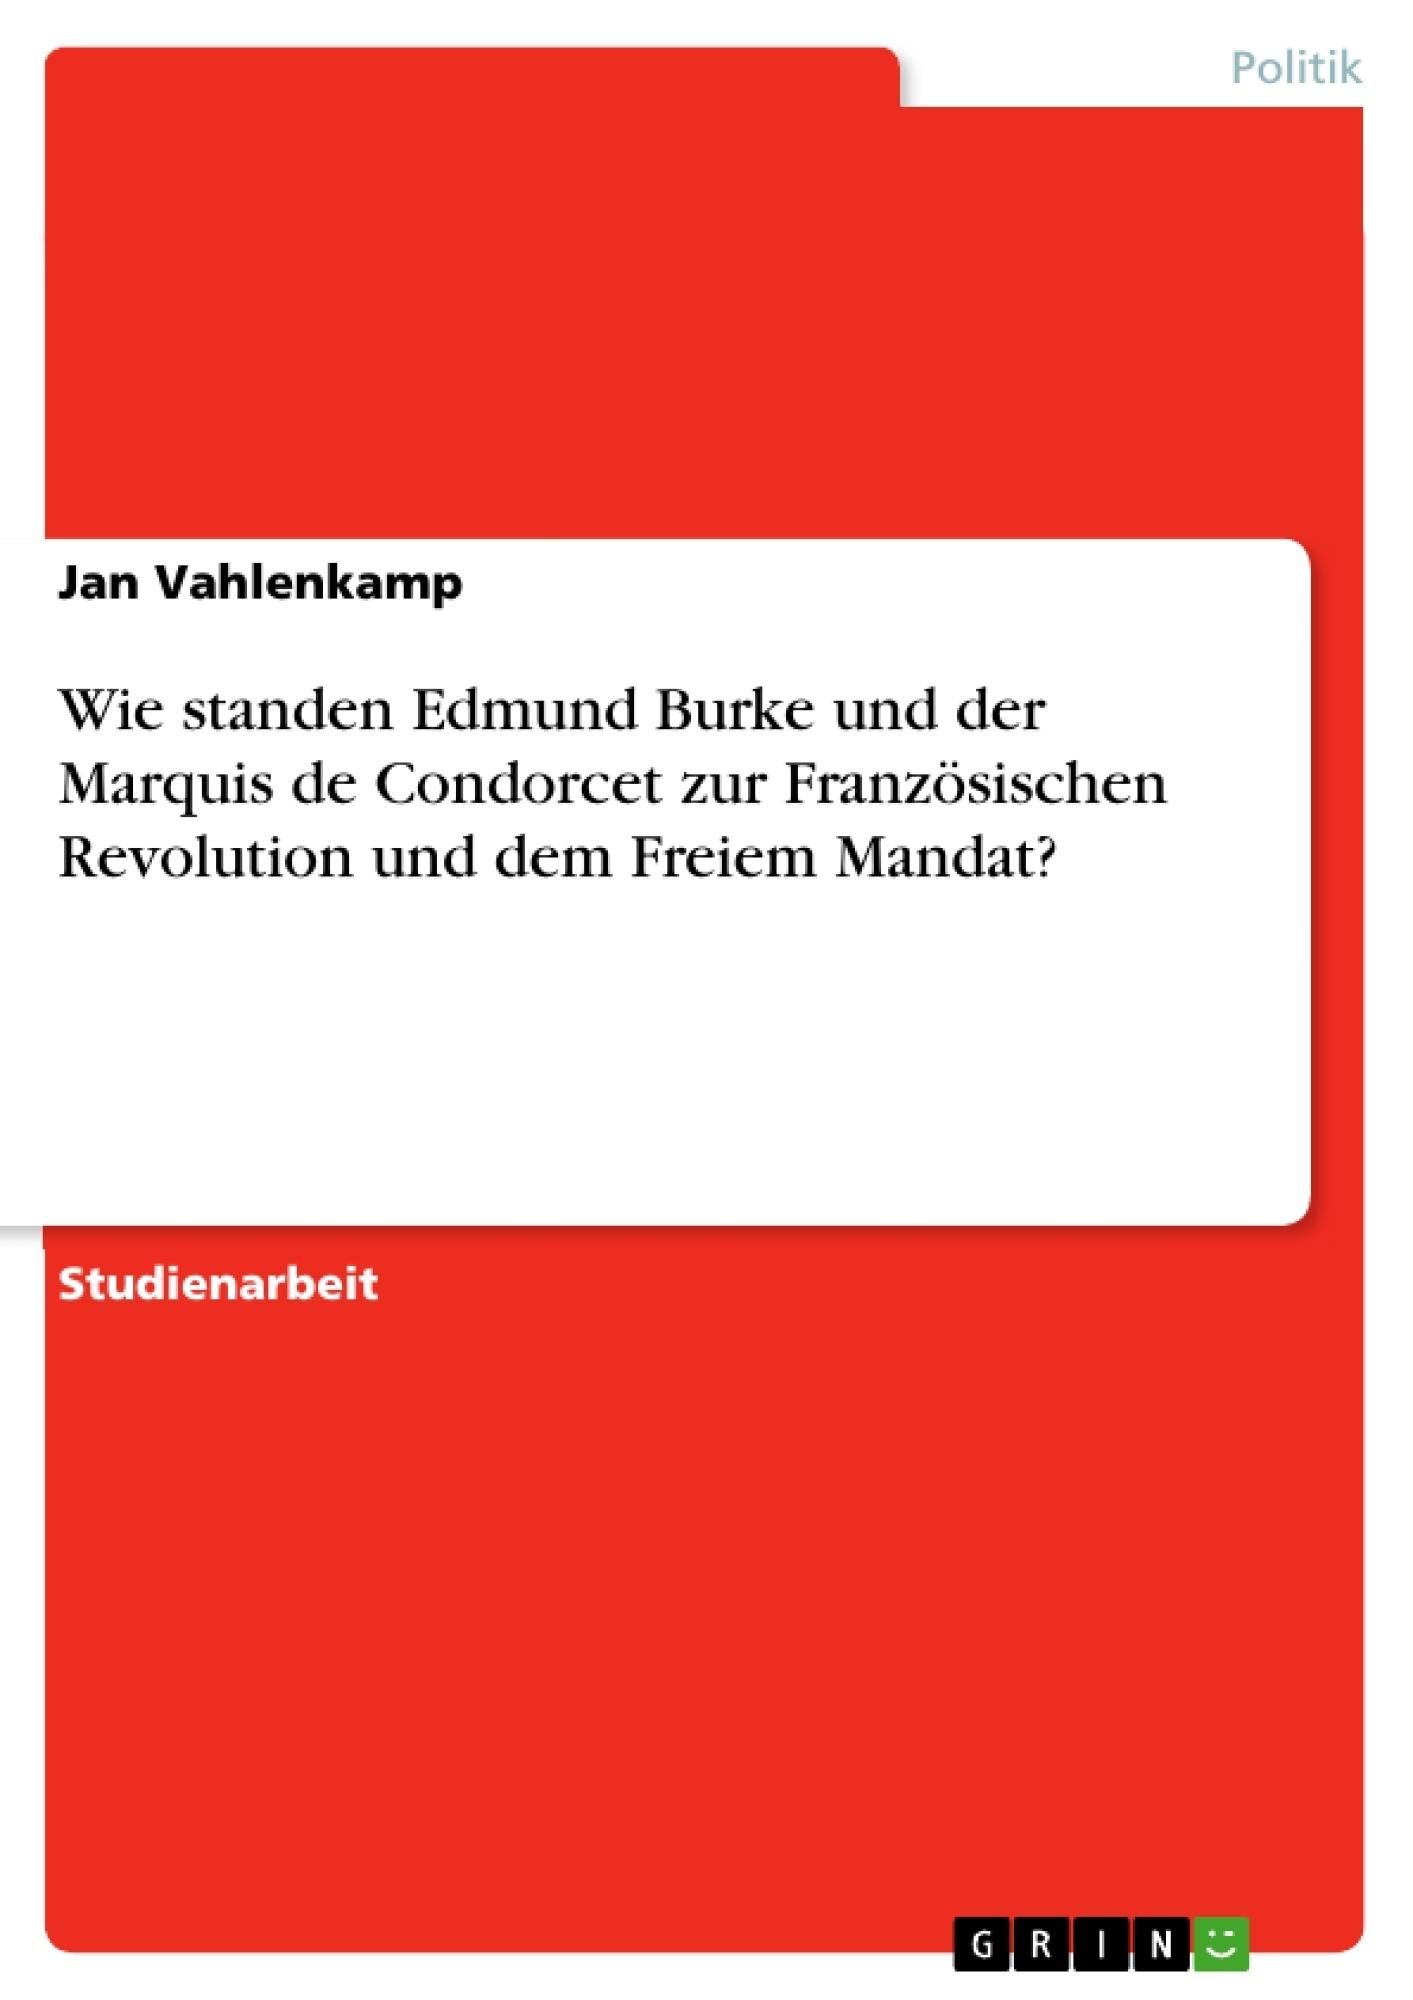 Titel: Wie standen Edmund Burke und der Marquis de Condorcet zur Französischen Revolution und dem Freiem Mandat?